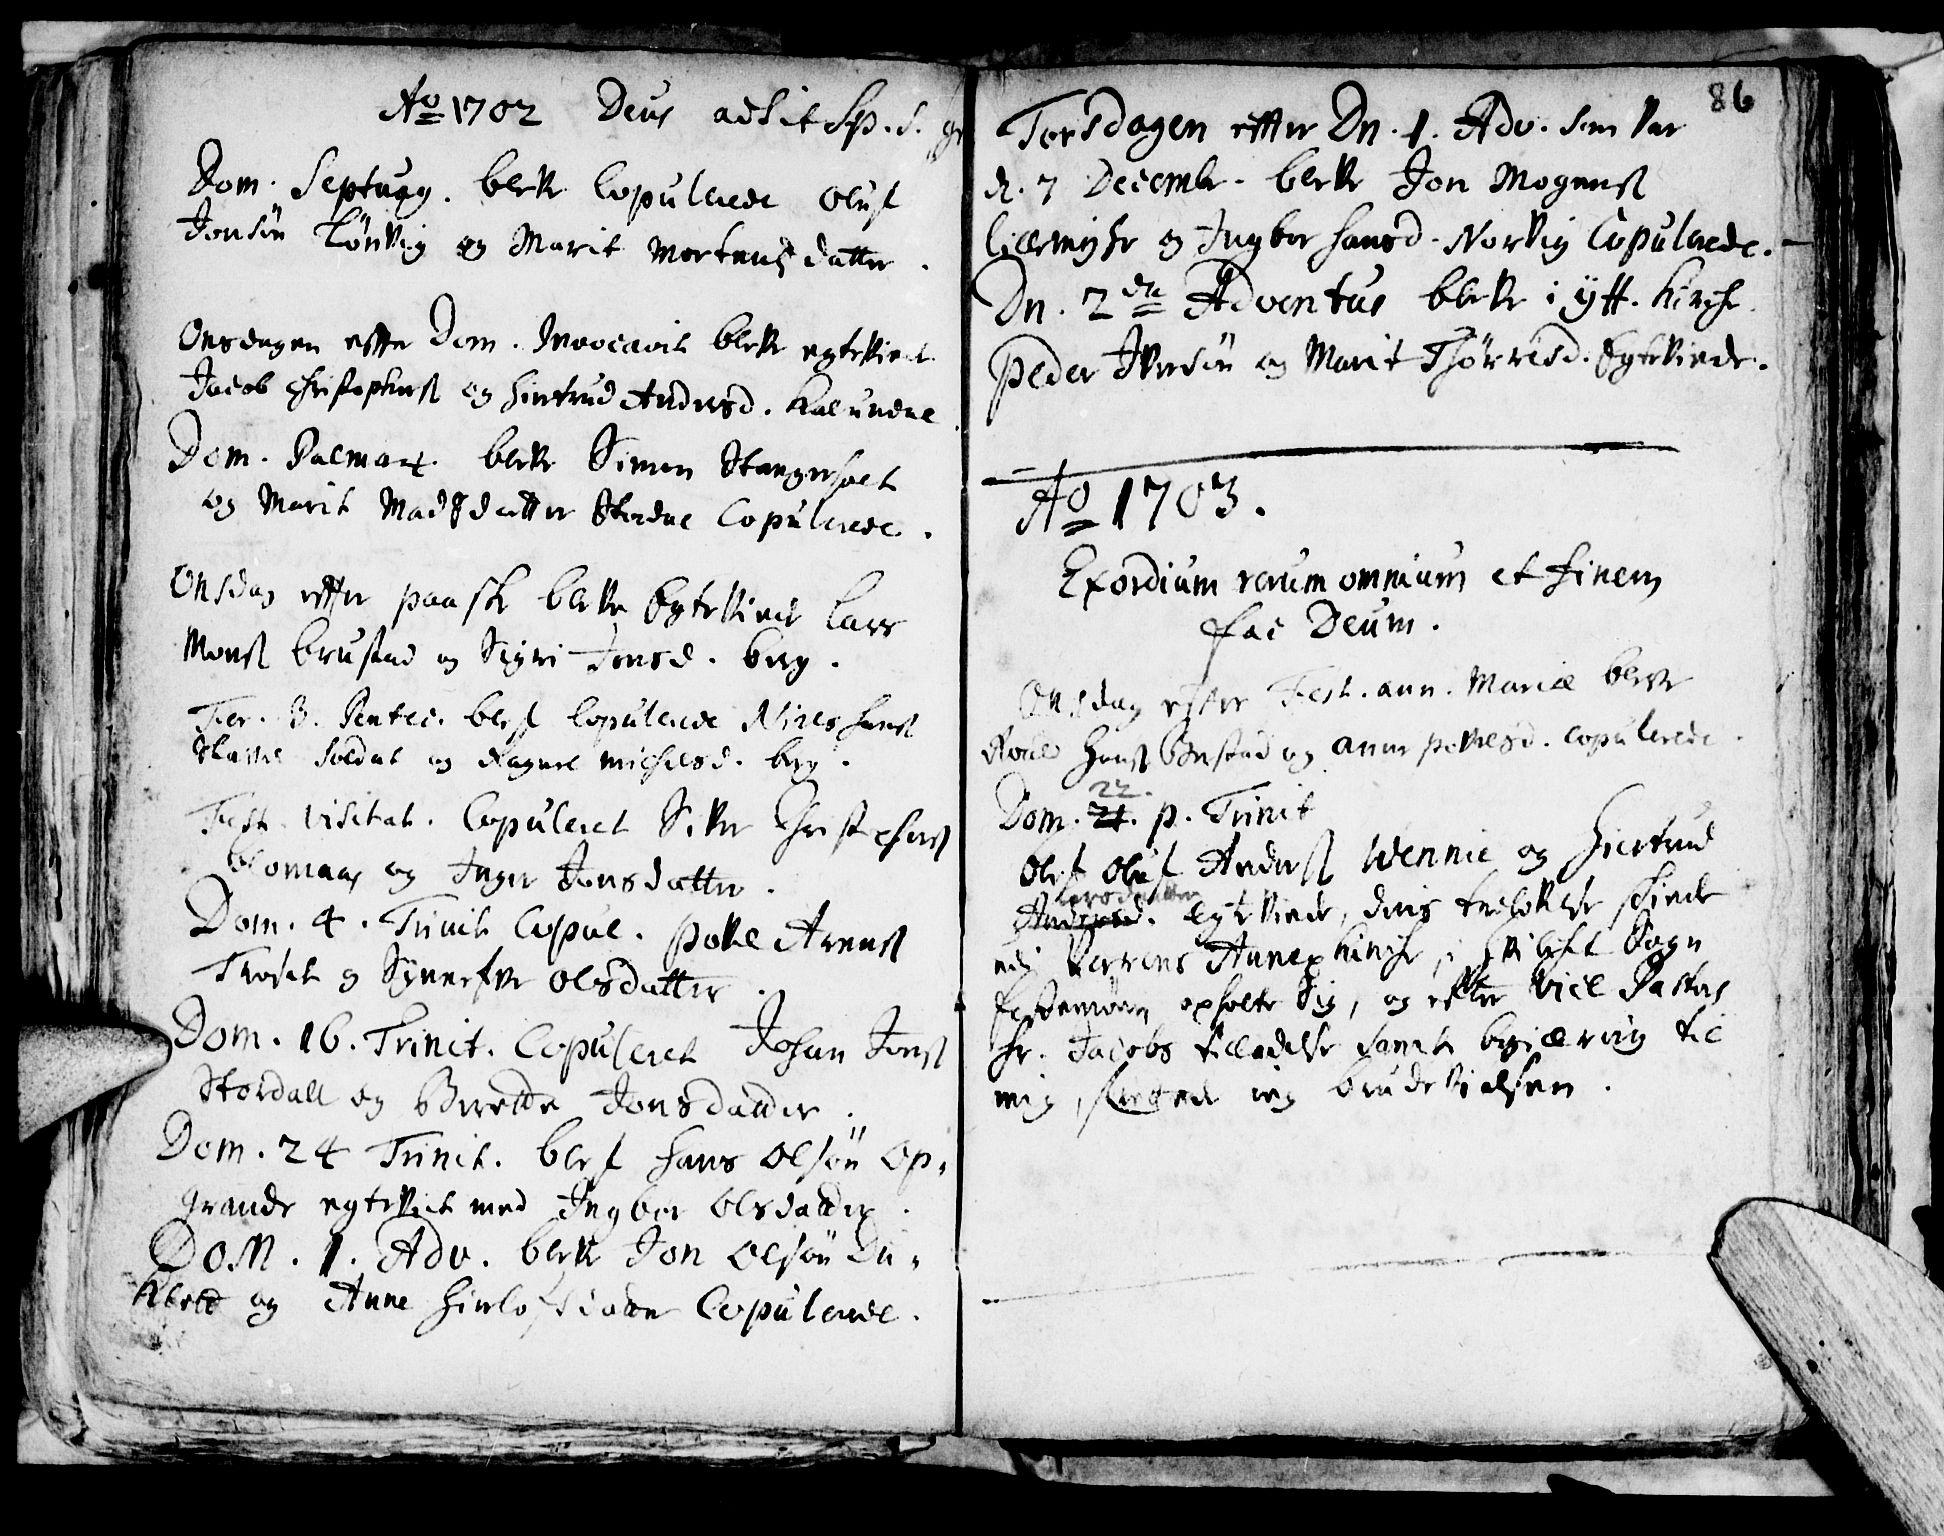 SAT, Ministerialprotokoller, klokkerbøker og fødselsregistre - Nord-Trøndelag, 722/L0214: Ministerialbok nr. 722A01, 1692-1718, s. 86